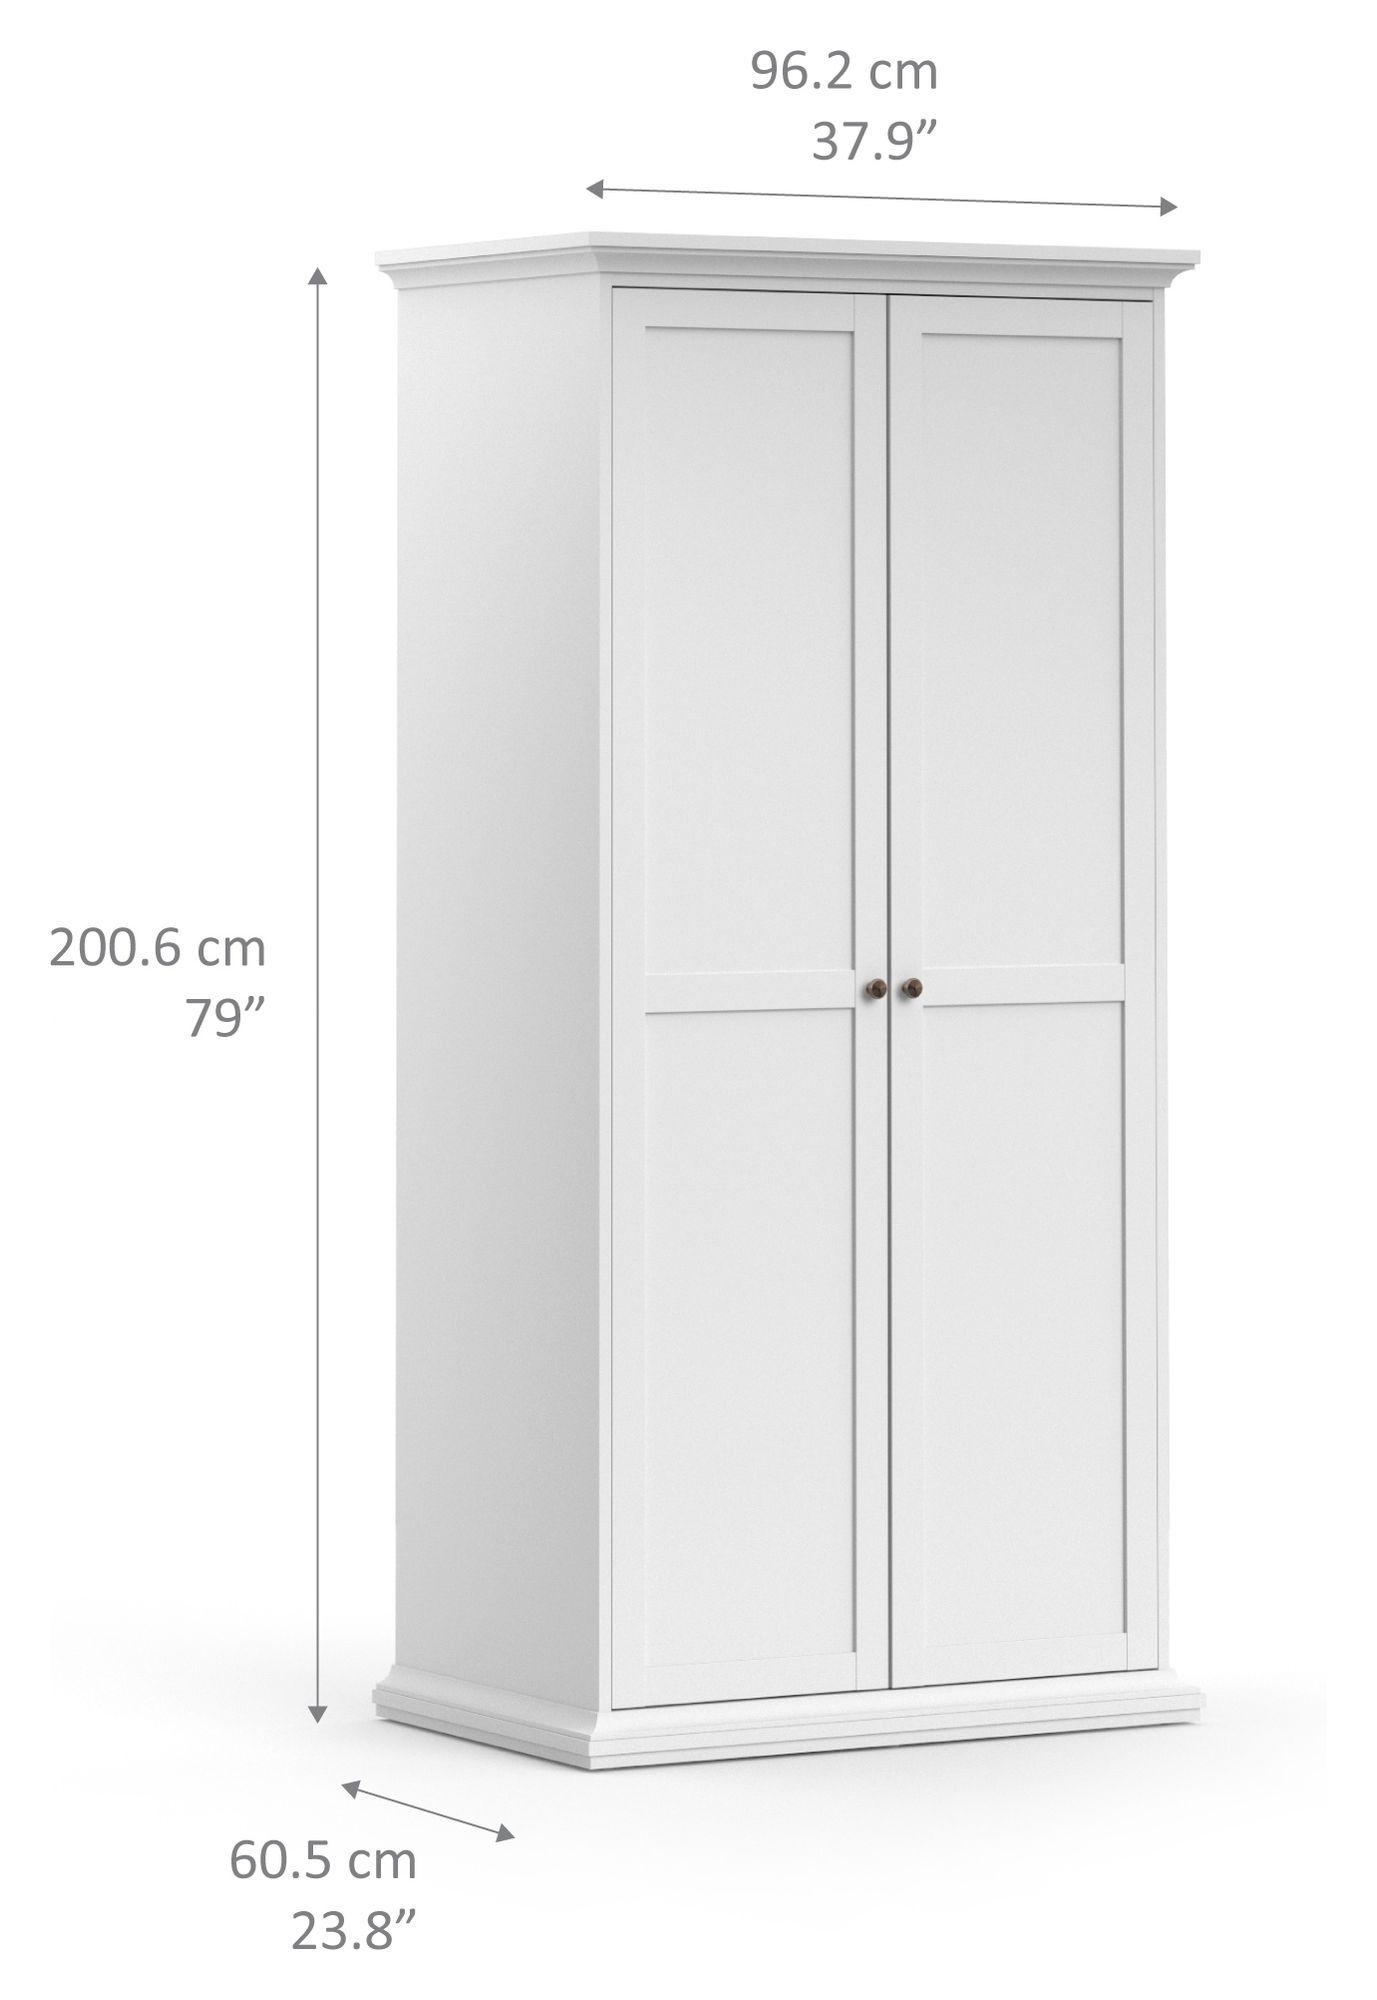 Paris Garderobeskab - Hvid B:96 - Garderobeskab med 2 låger i hvid